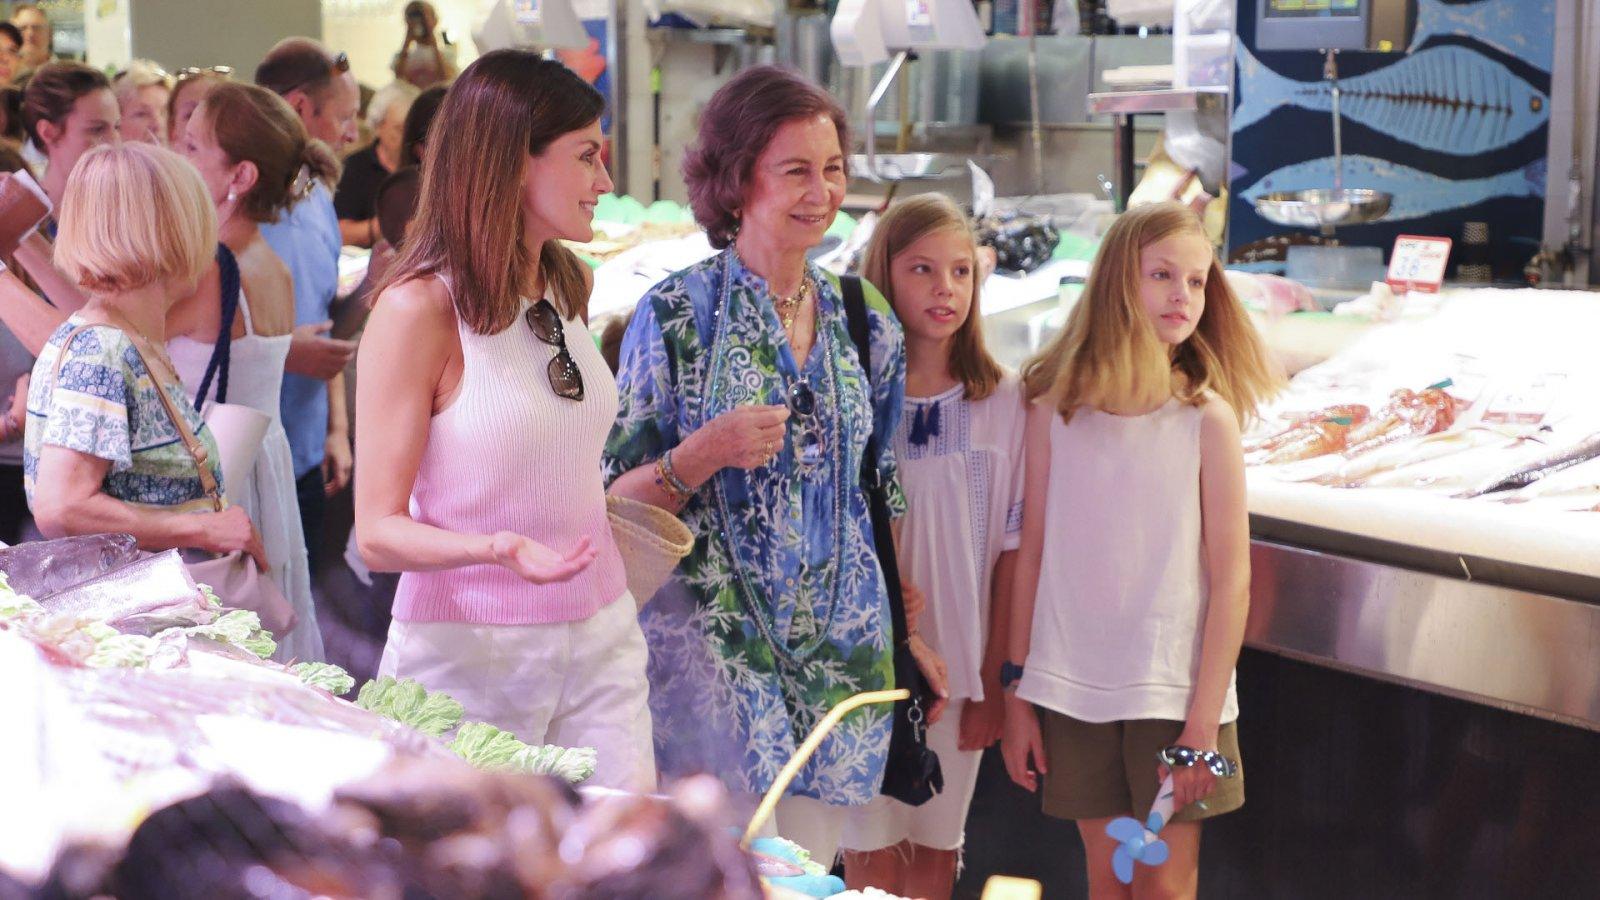 La reina Letizia, junto a Doña Sofía, la princesa Leonor y la infanta Sofía en un mercado de Palma